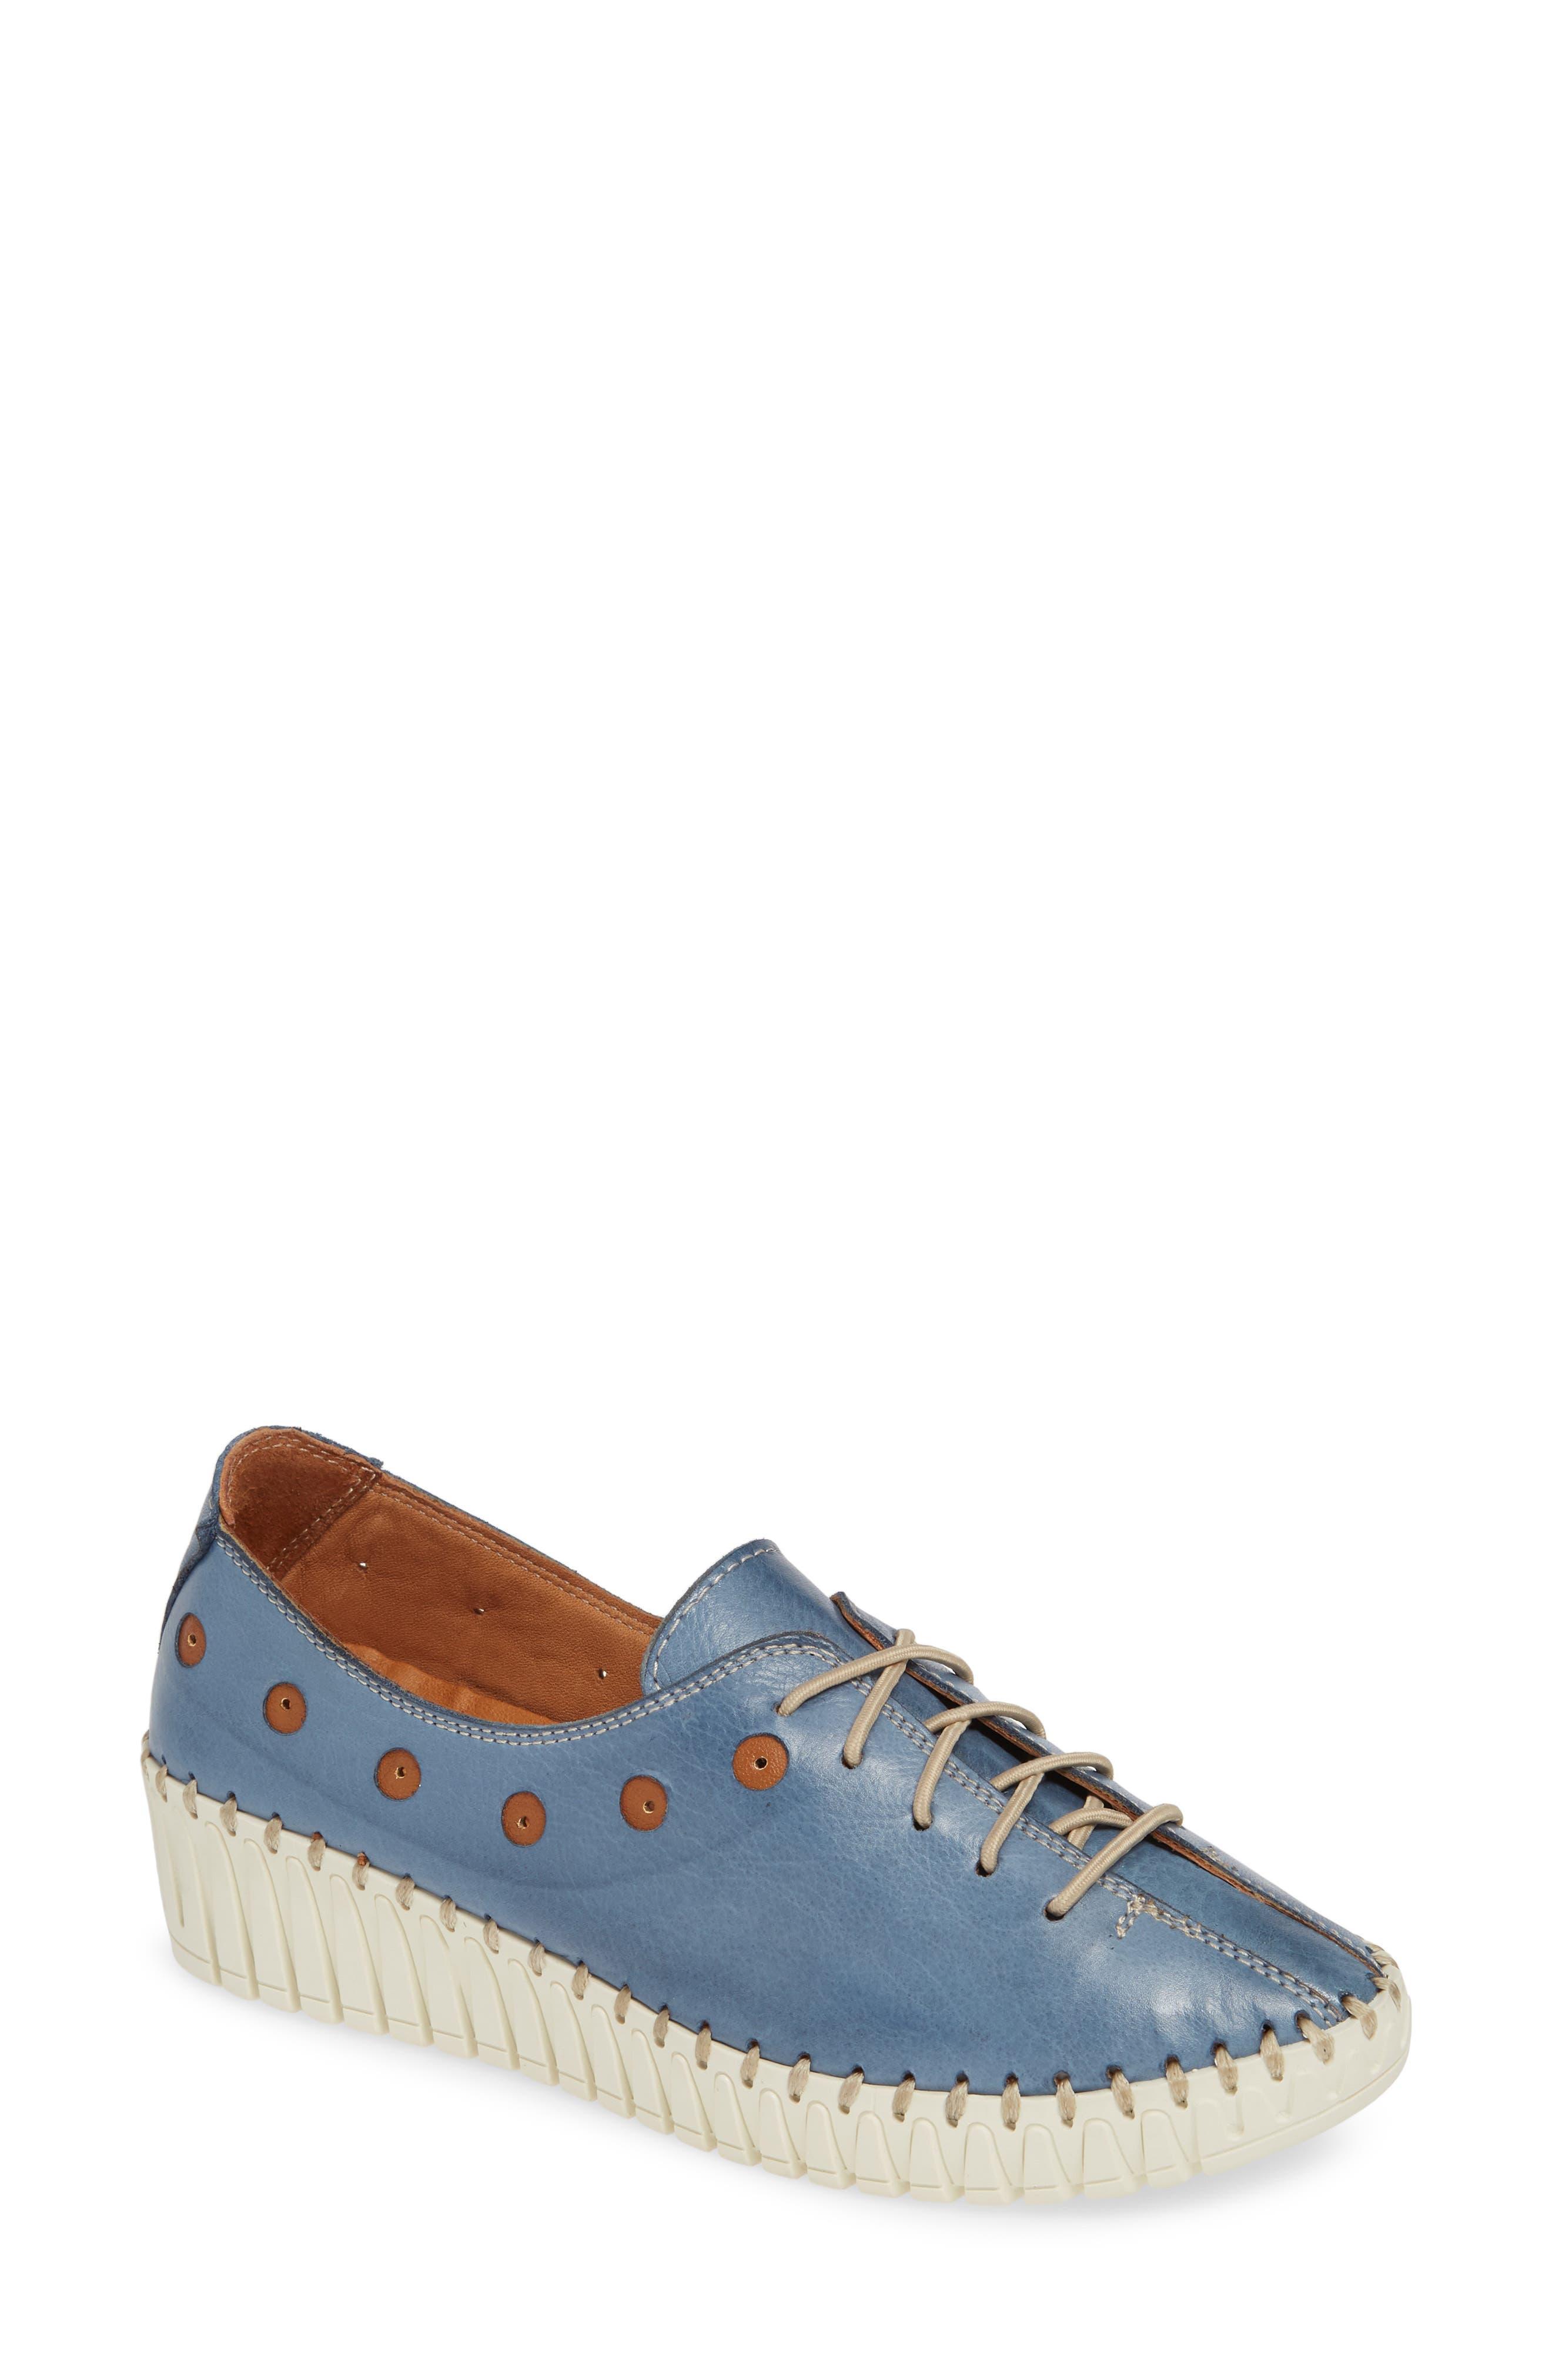 Sheridan Mia Kyle Sneaker - Blue